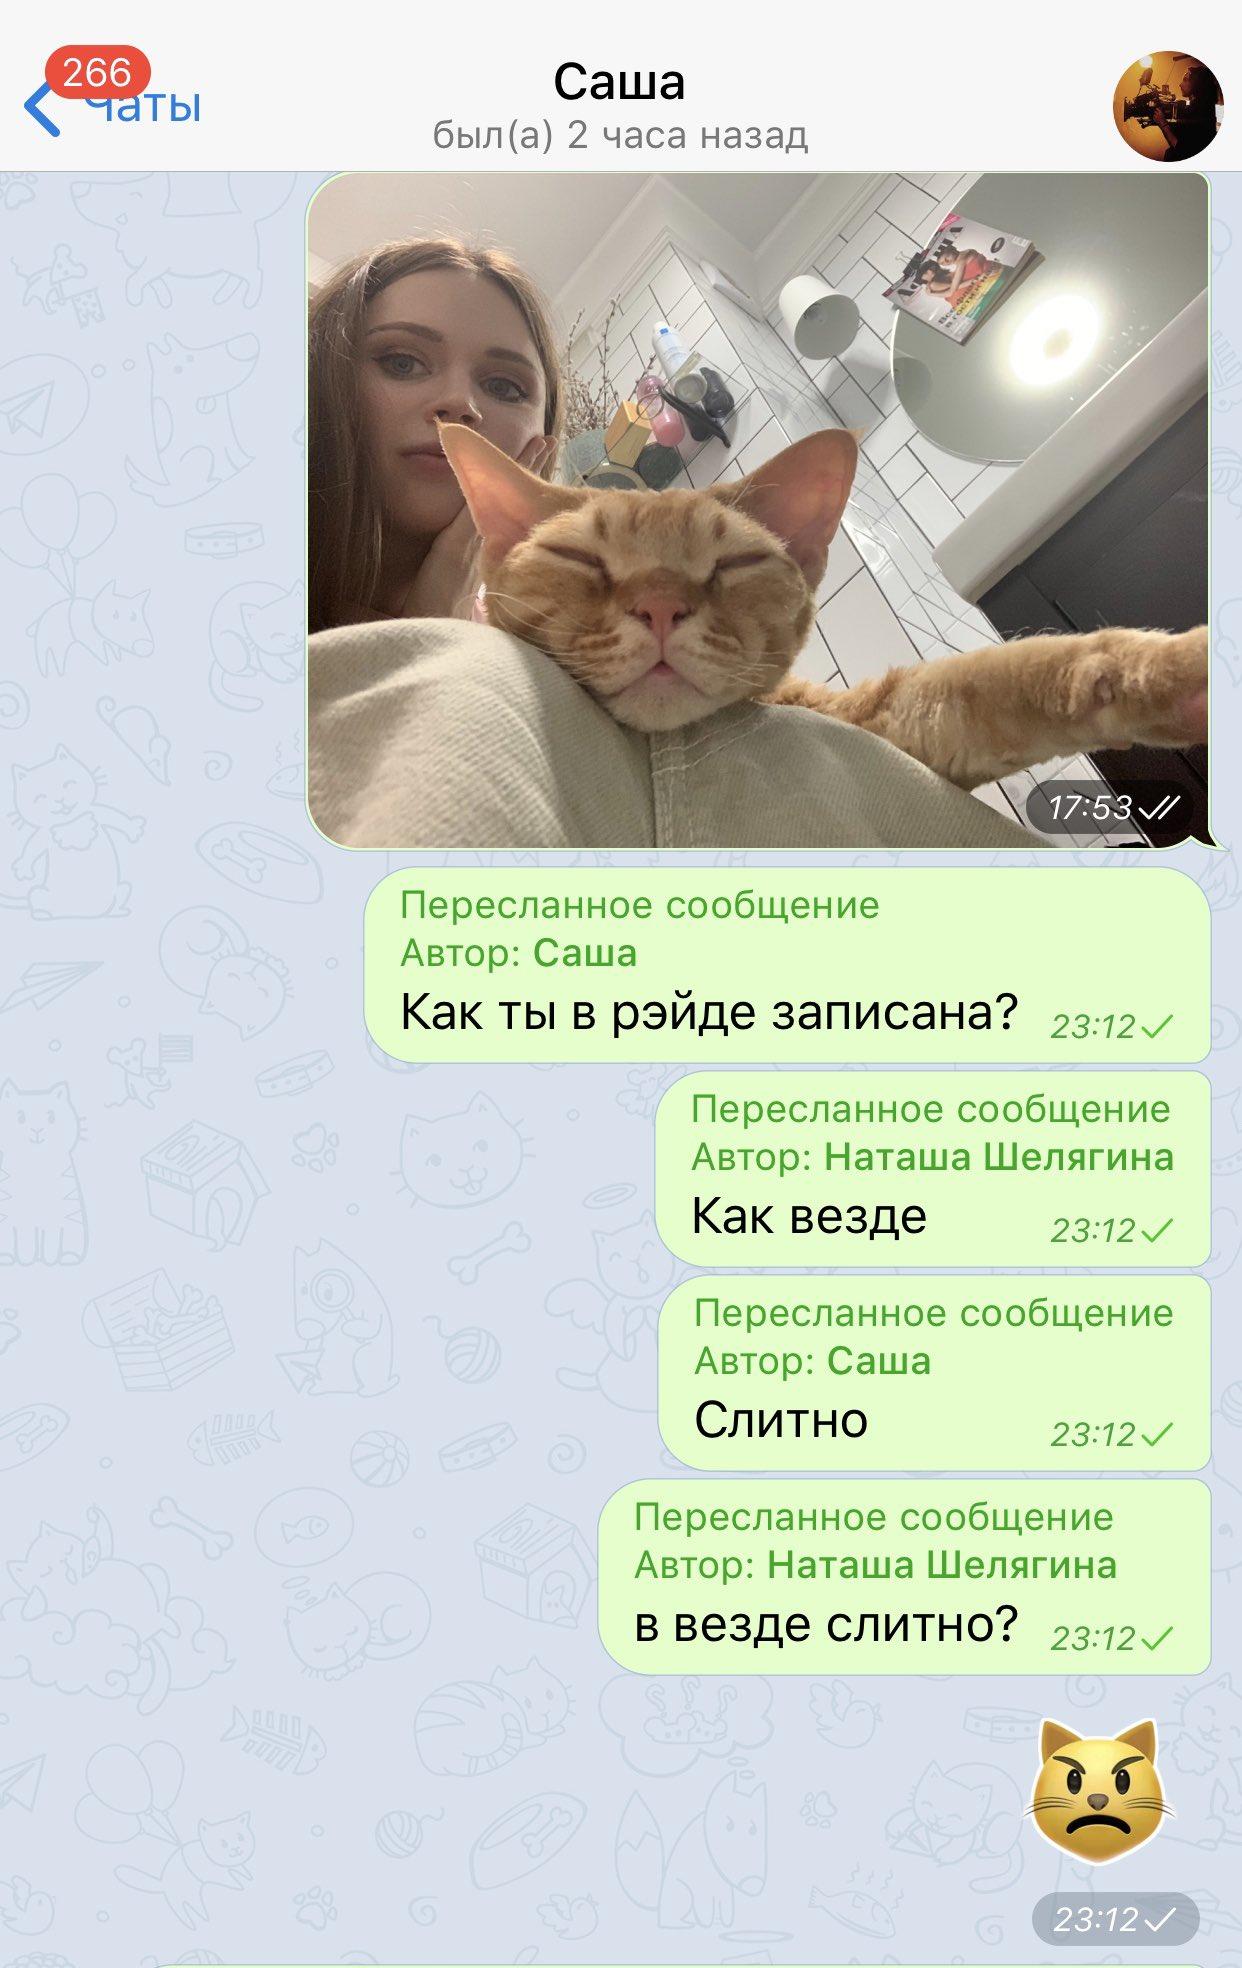 Слив Шелягина Телеграм